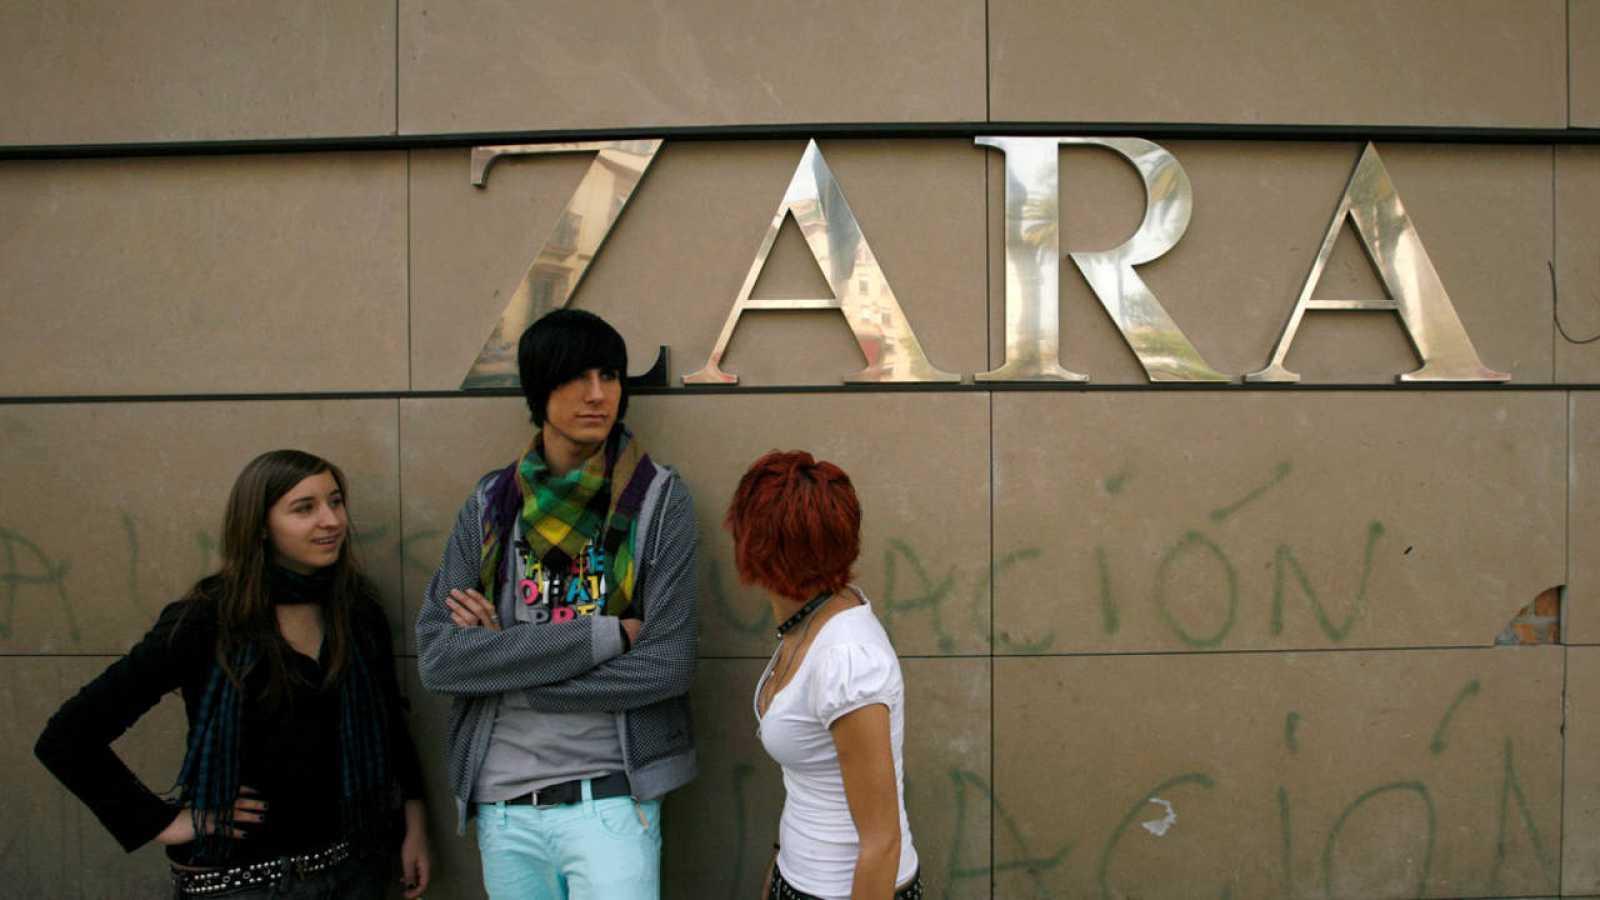 Tres jóvenes charlan en el exterior de una tienda de Zara en Sevilla